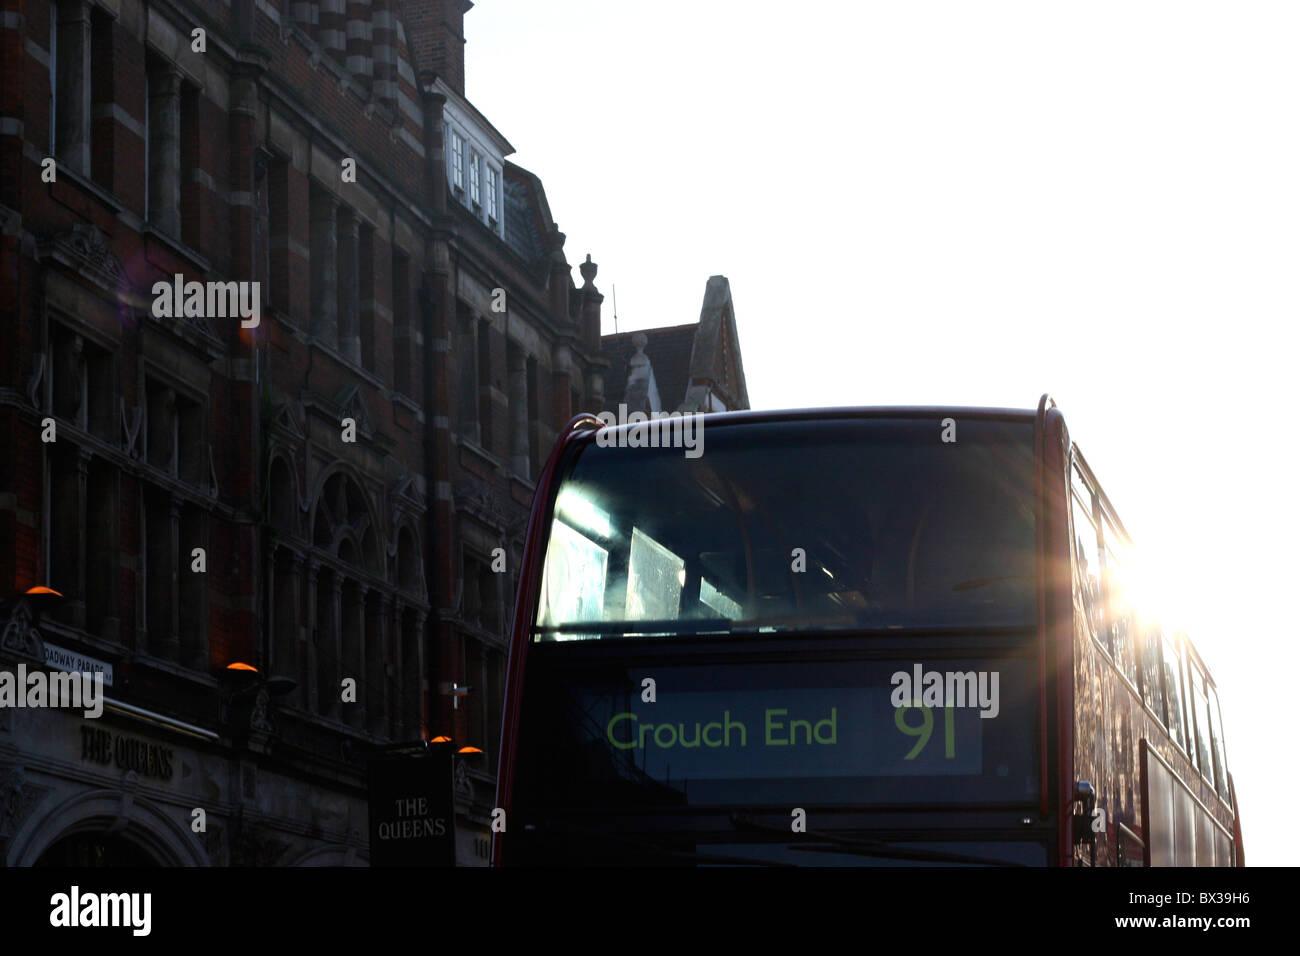 Crouch End Bus nº91 Imagen De Stock